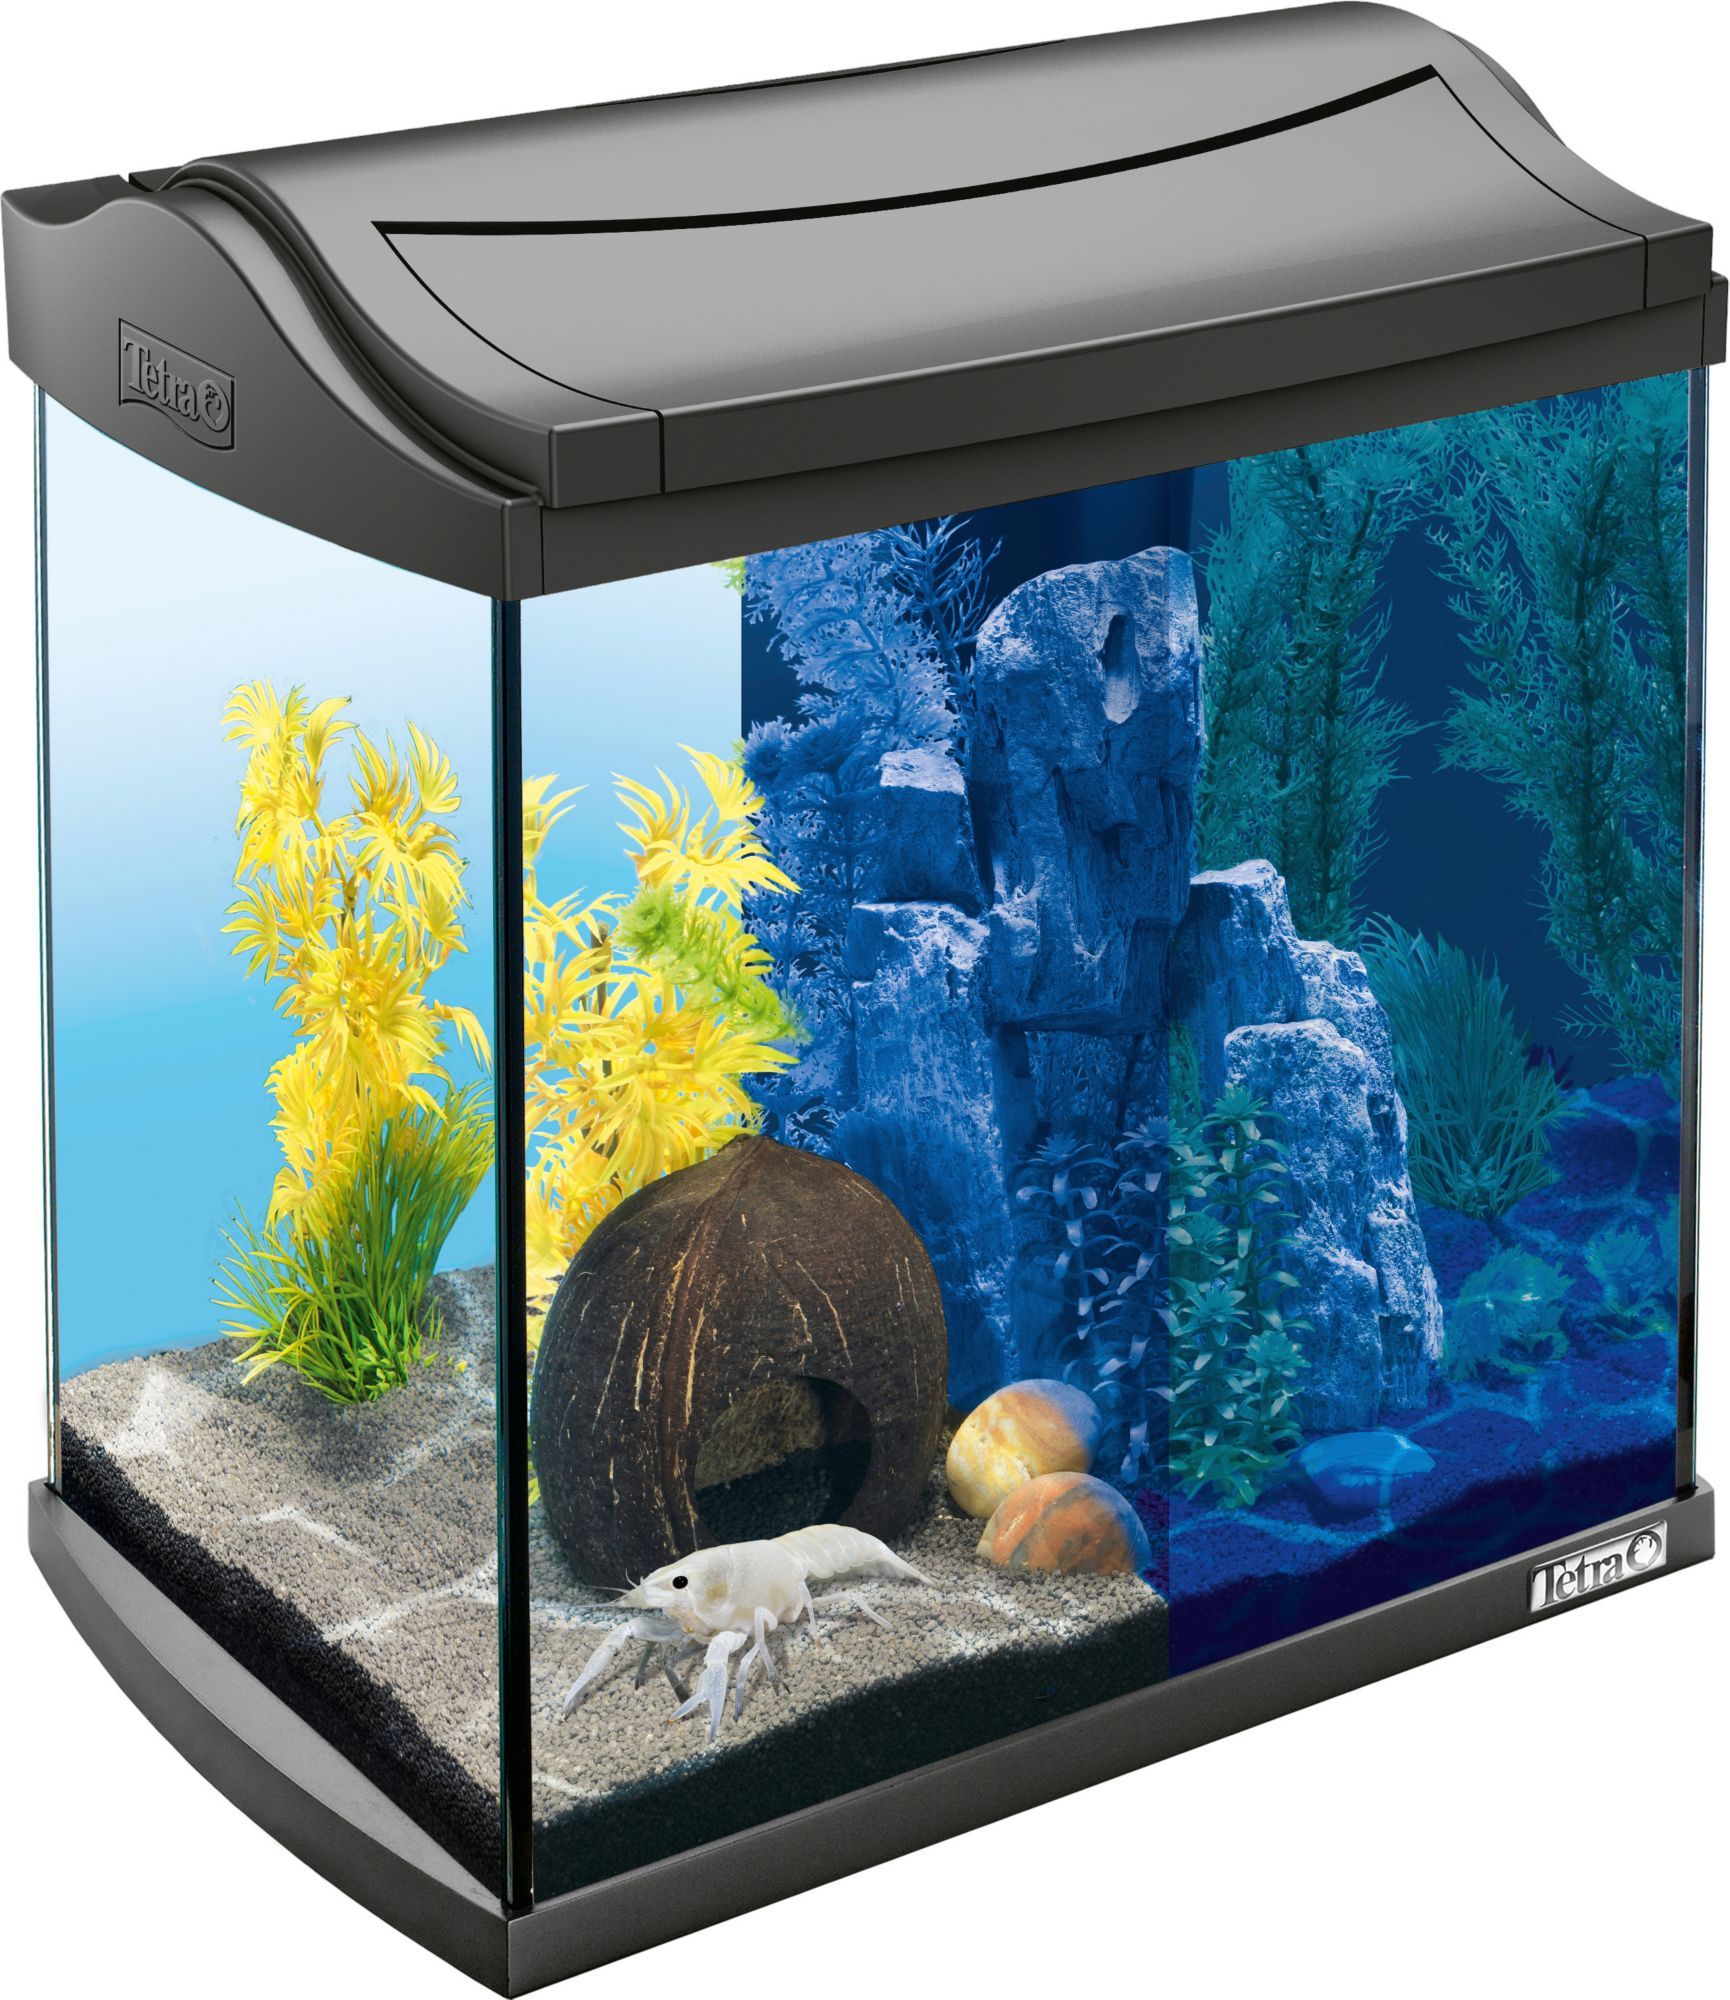 Aquarium aquaart led discovery line 30 l anthrazit for Aquarium versand